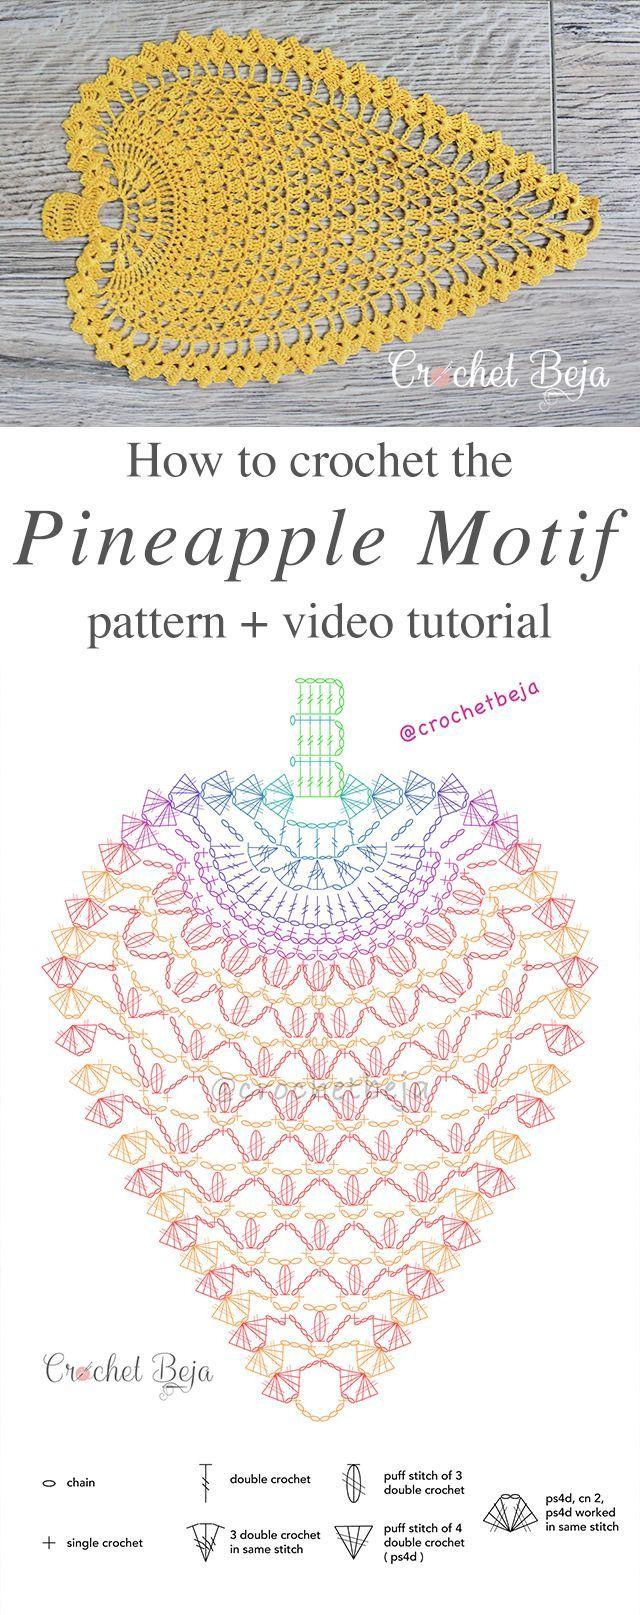 Crochet Pineapple Pattern Anywane Can Learn Pineapple Motif Lace Free Crochet Pattern The Post Crochet Pineapple P Hakeln Muster Ananas Muster Hakelanleitung